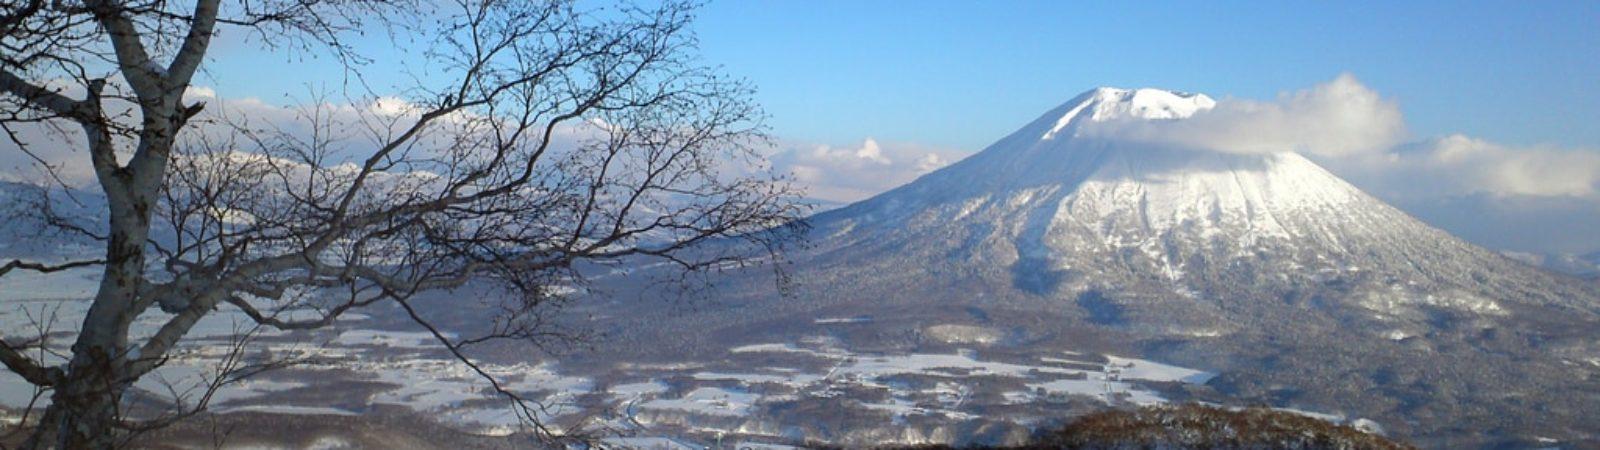 Mount Yotei splitboarding tours in Hokkaido